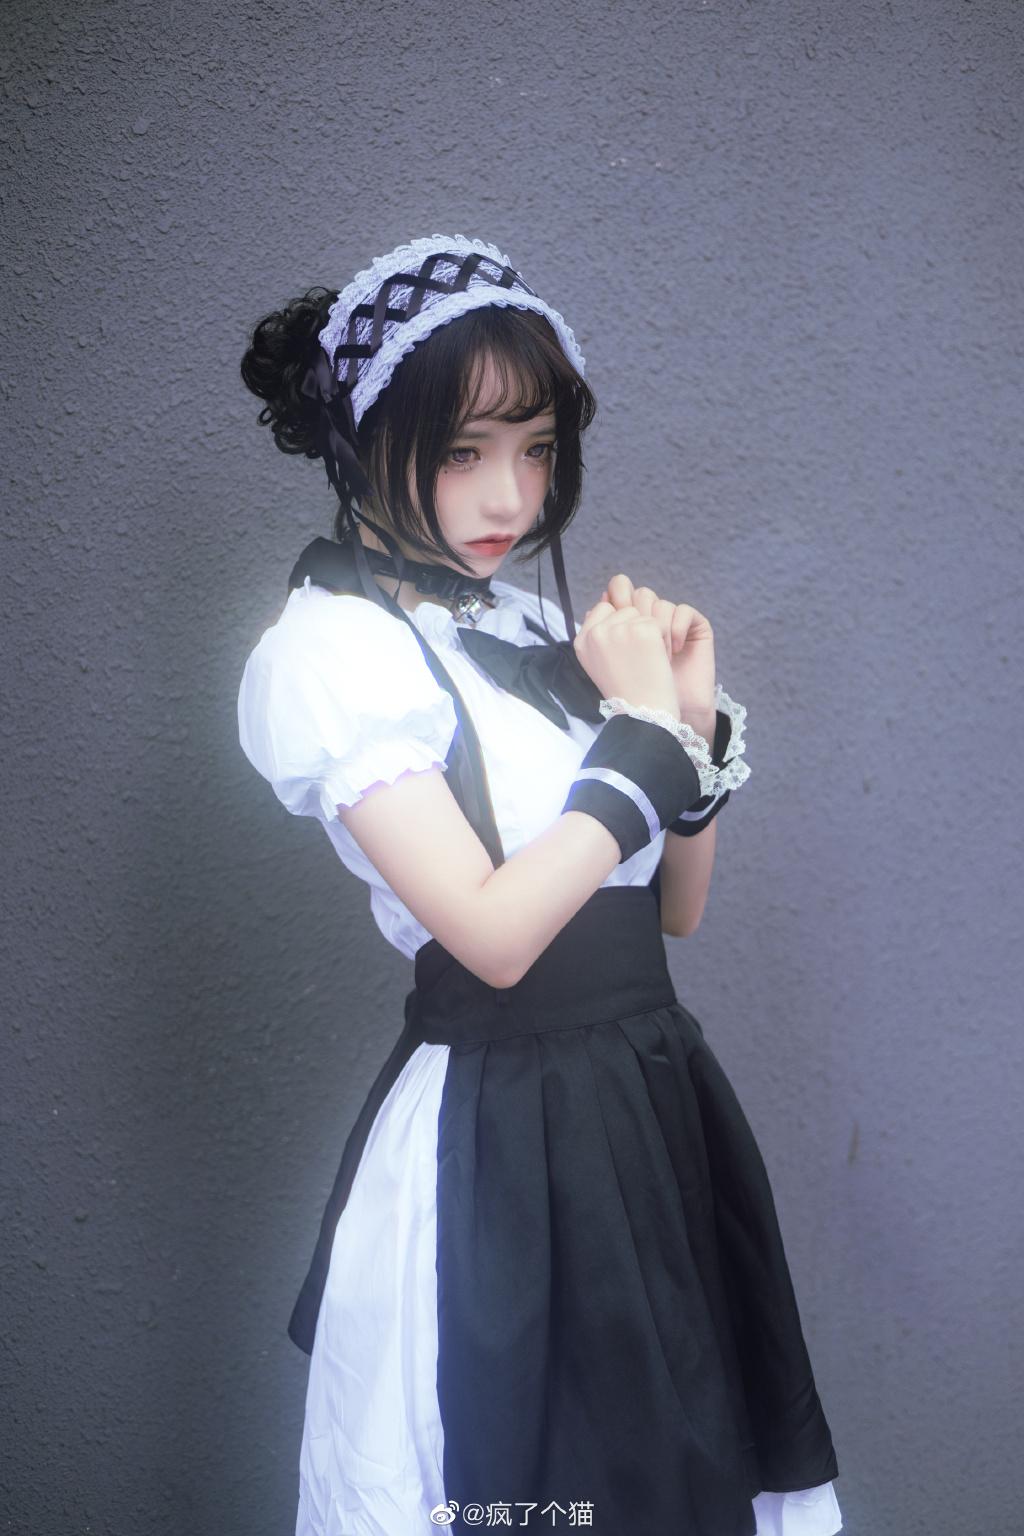 疯了个猫女仆装写真,漂亮女孩系列